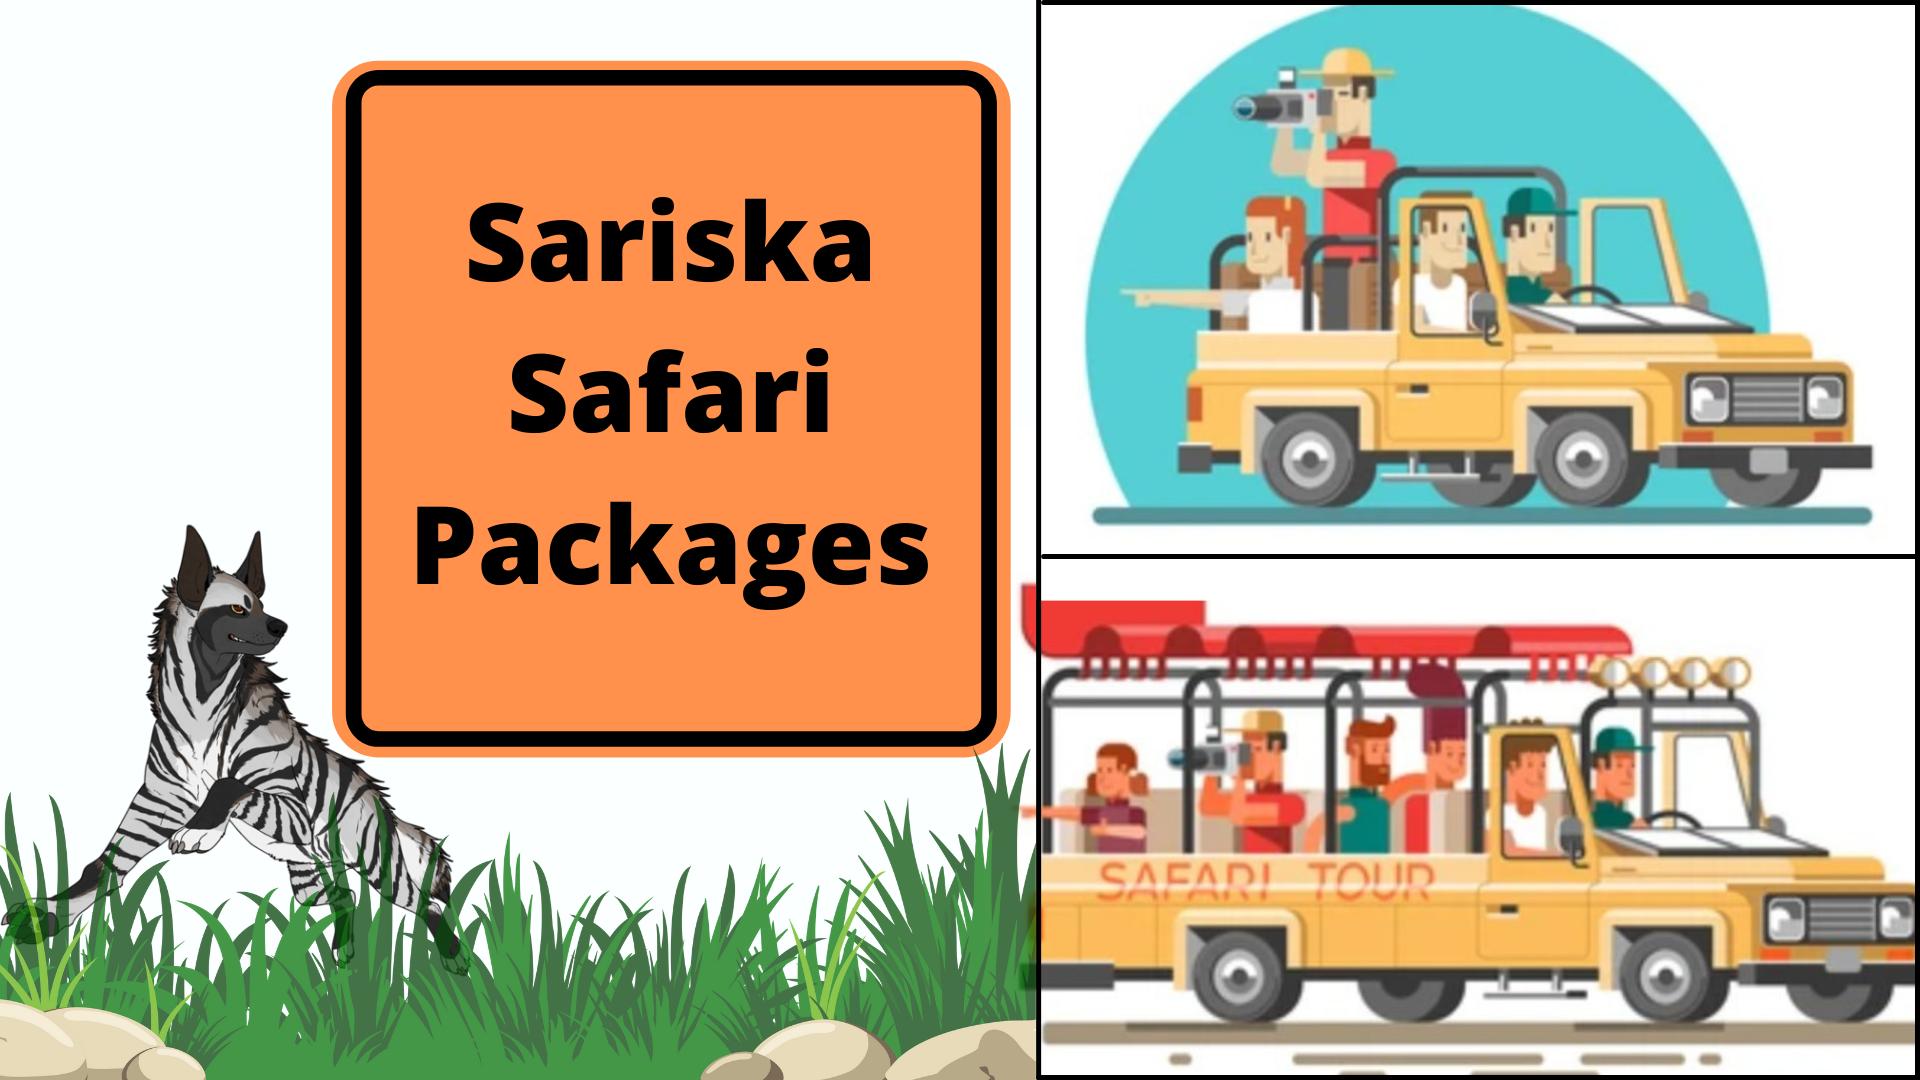 Sariska Safari Packages